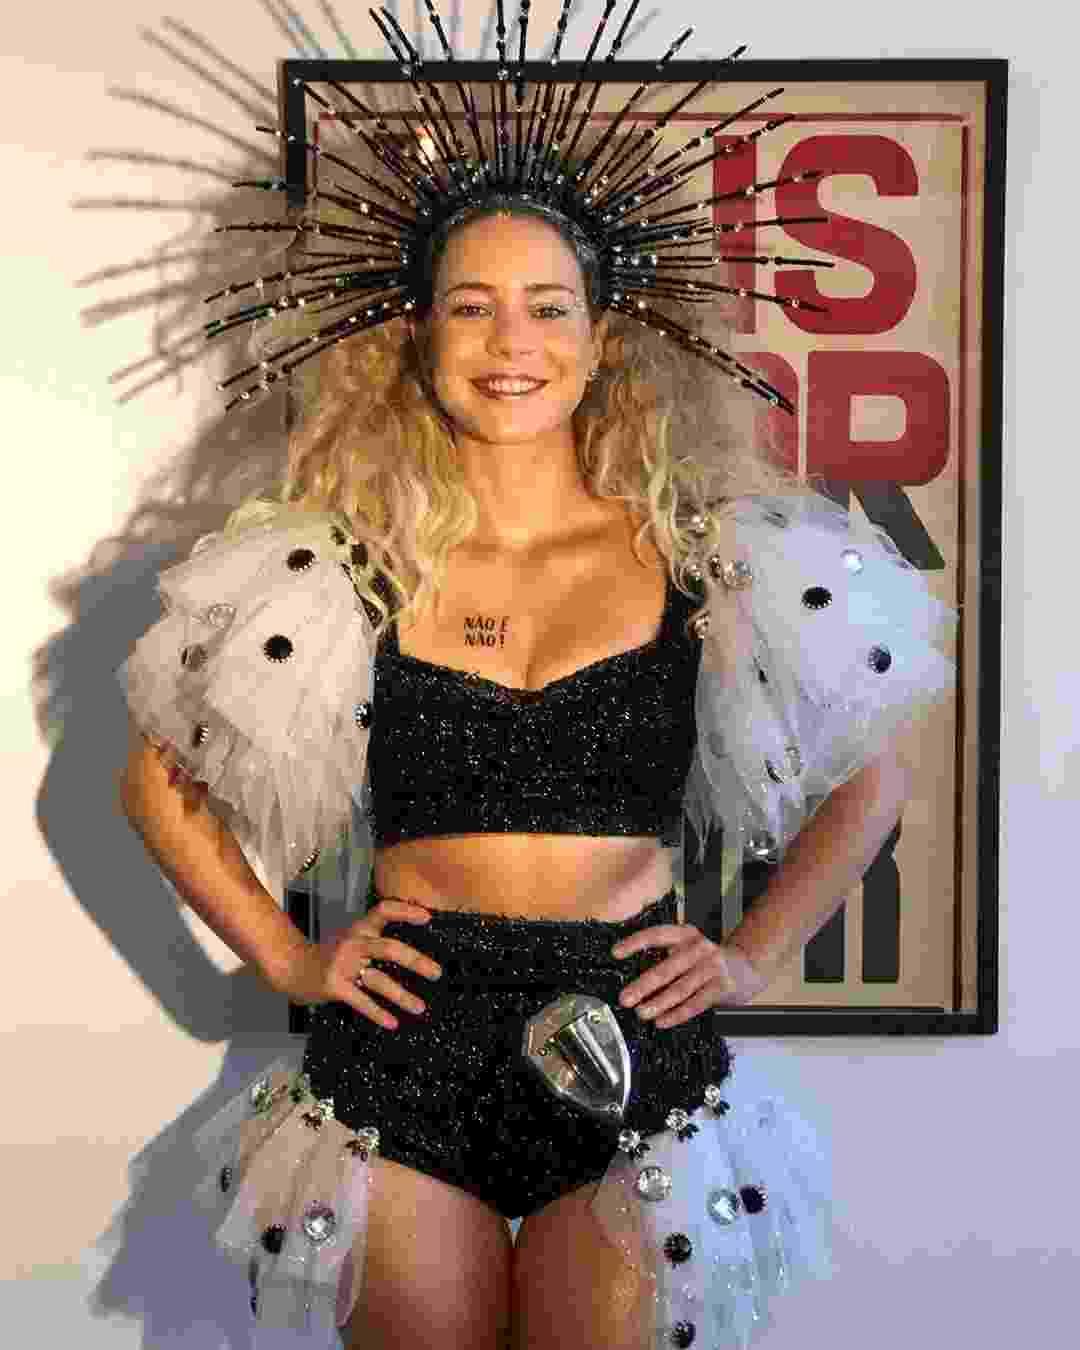 Leandra Leal mostra fantasia para o Cordão da Bola Preta, bloco do Rio - Reprodução/Instagram